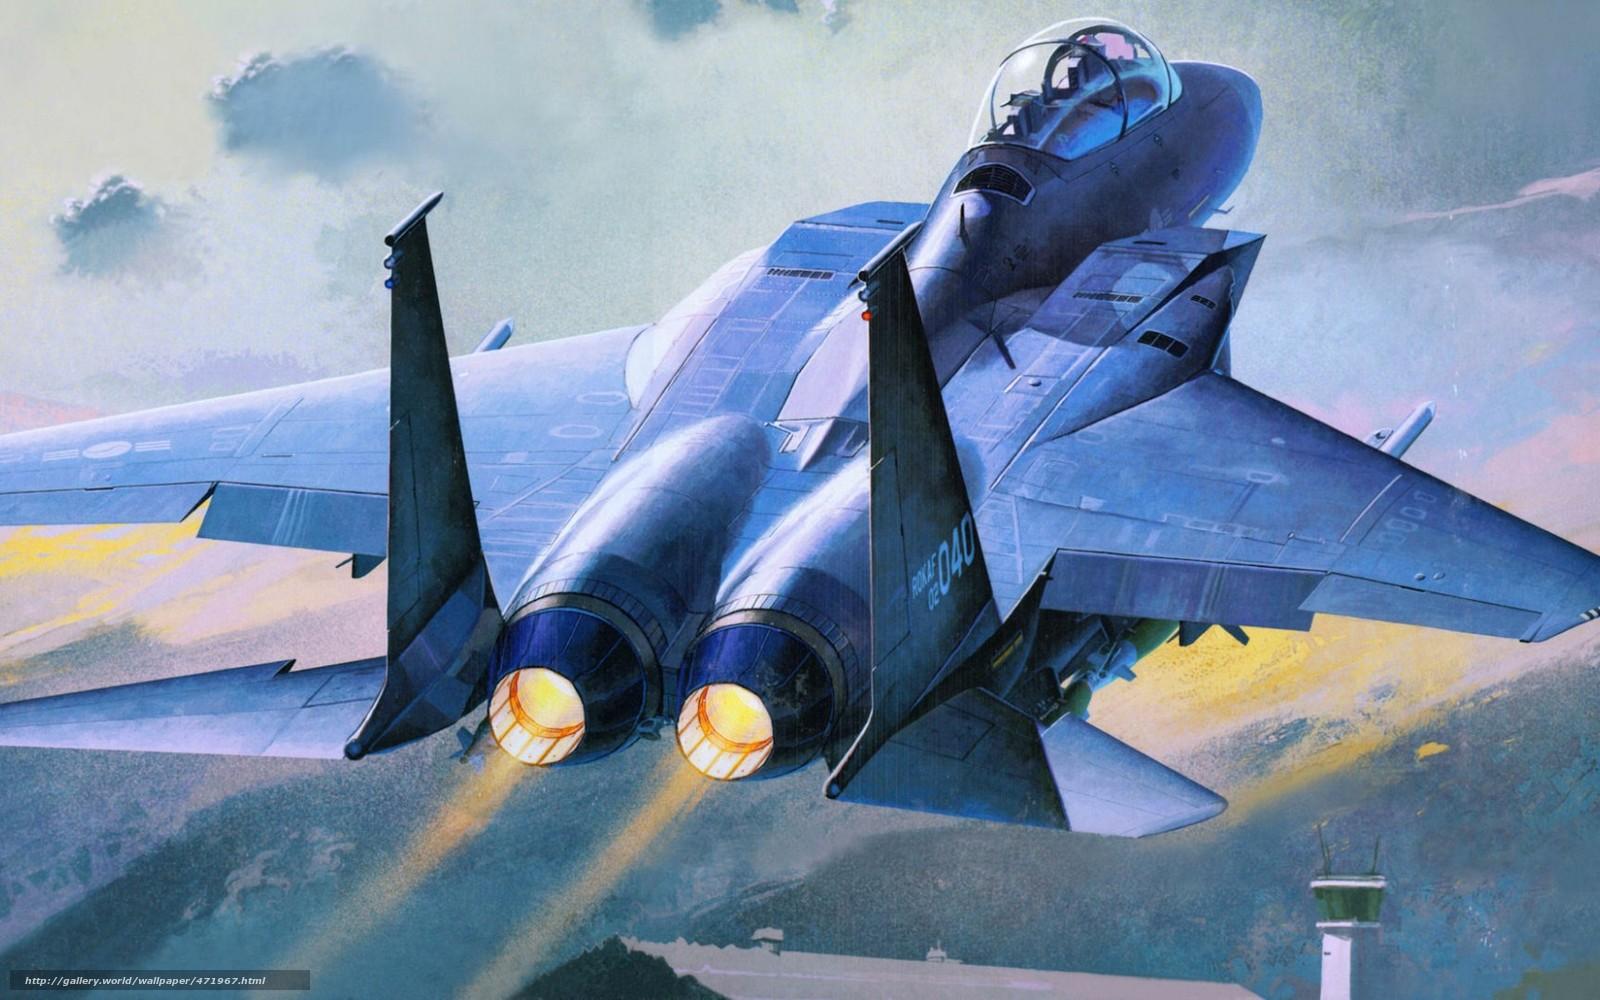 戦闘爆撃機の画像 p1_36